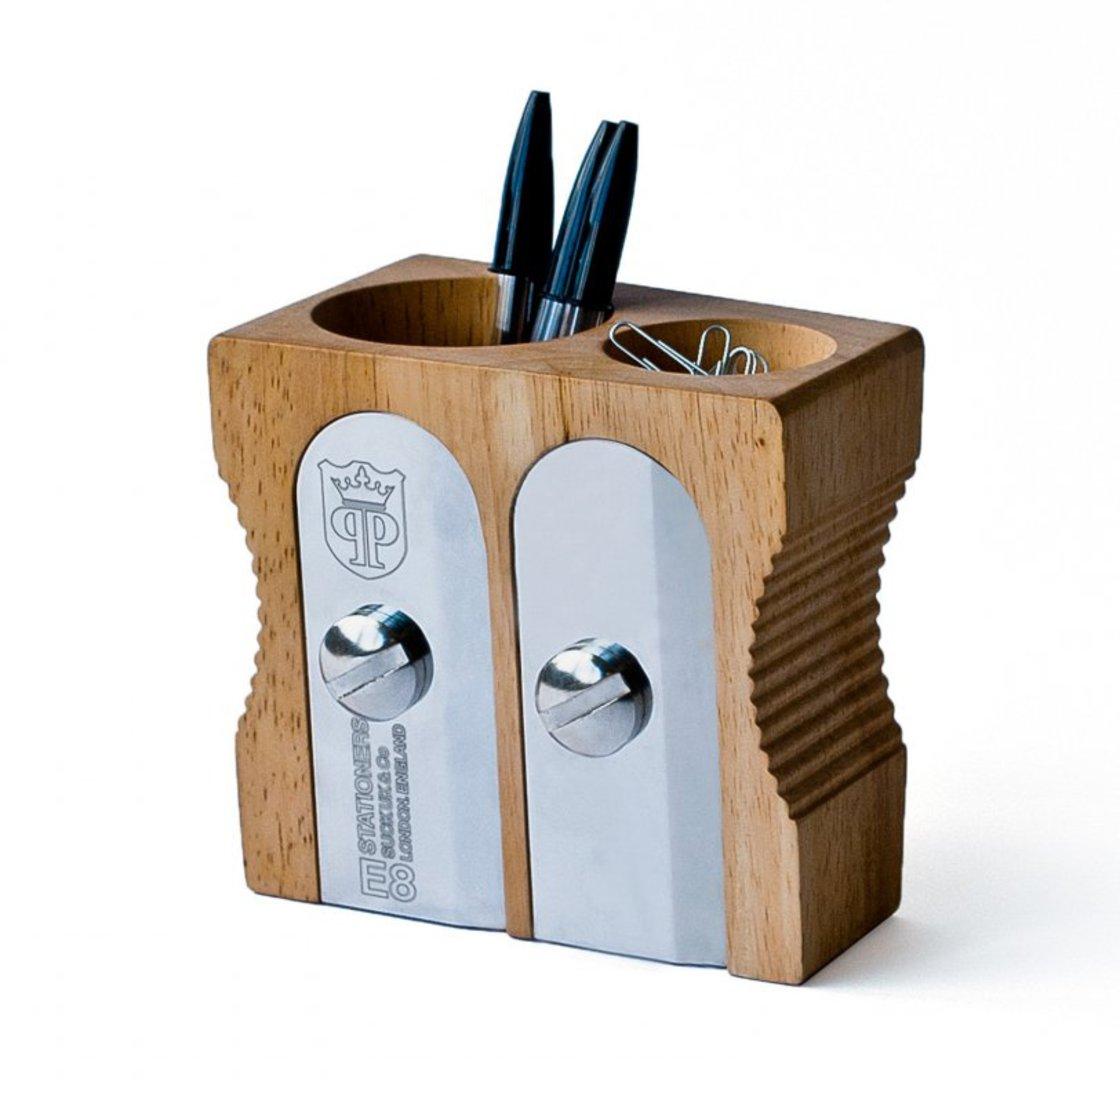 Stifthalter - Oggetti design per la casa ...